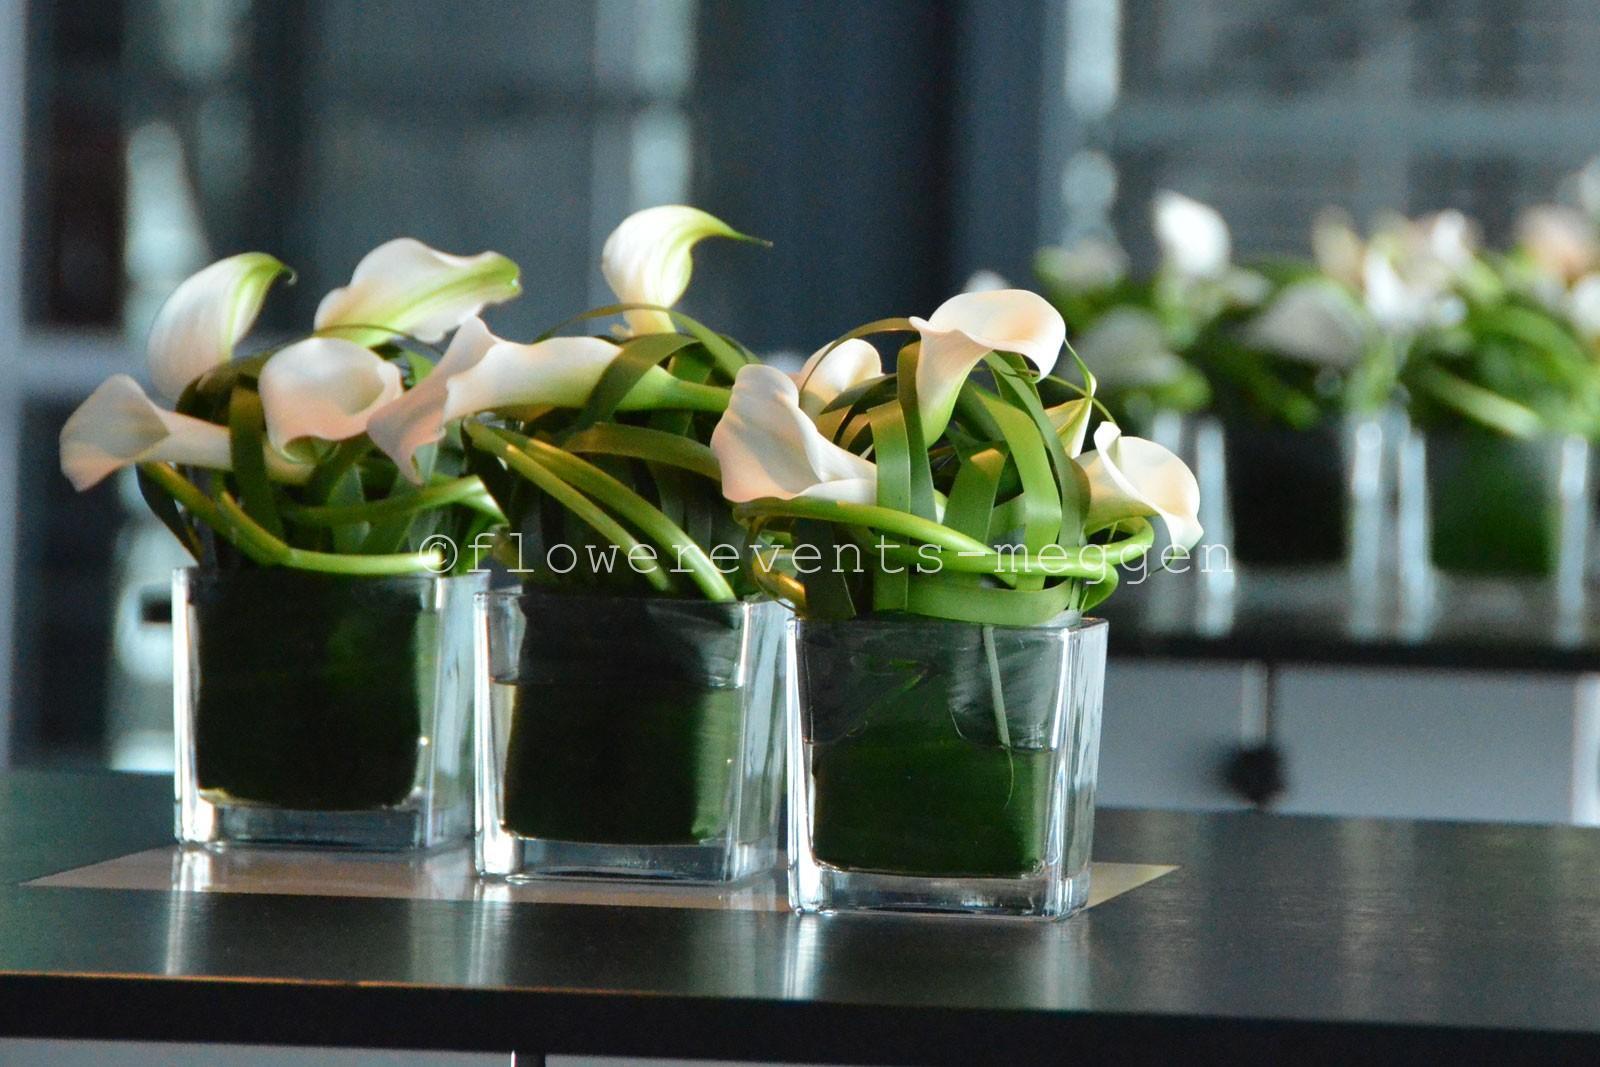 Hochzeit Blumen Luzern Hochzeitsblumen Florist Heiraten Flowerevents